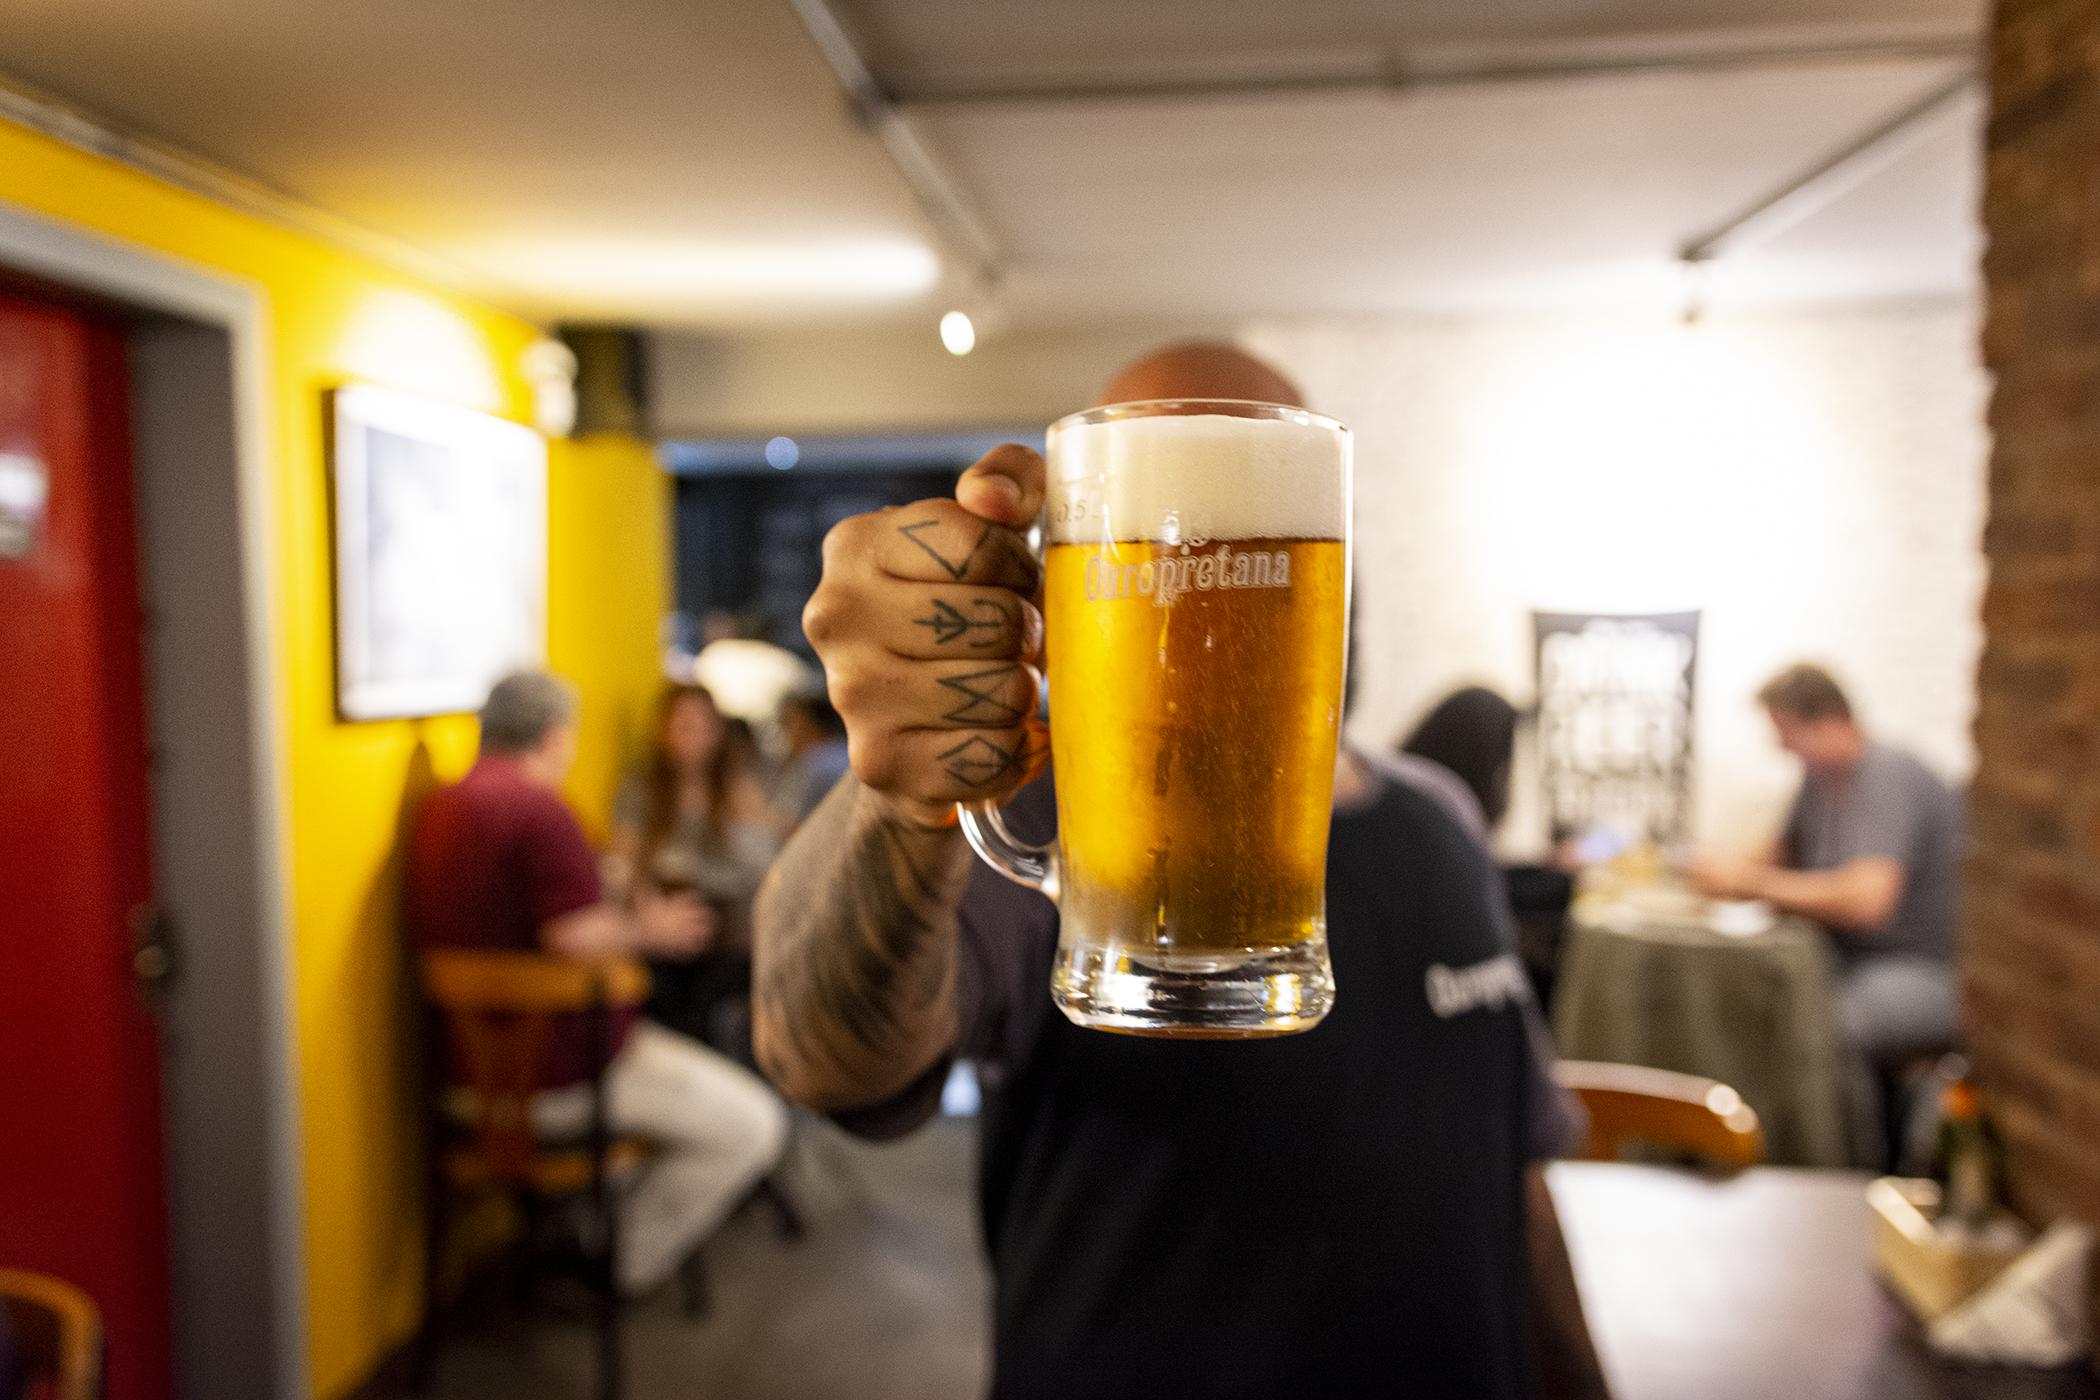 Cervejaria Ouropretana